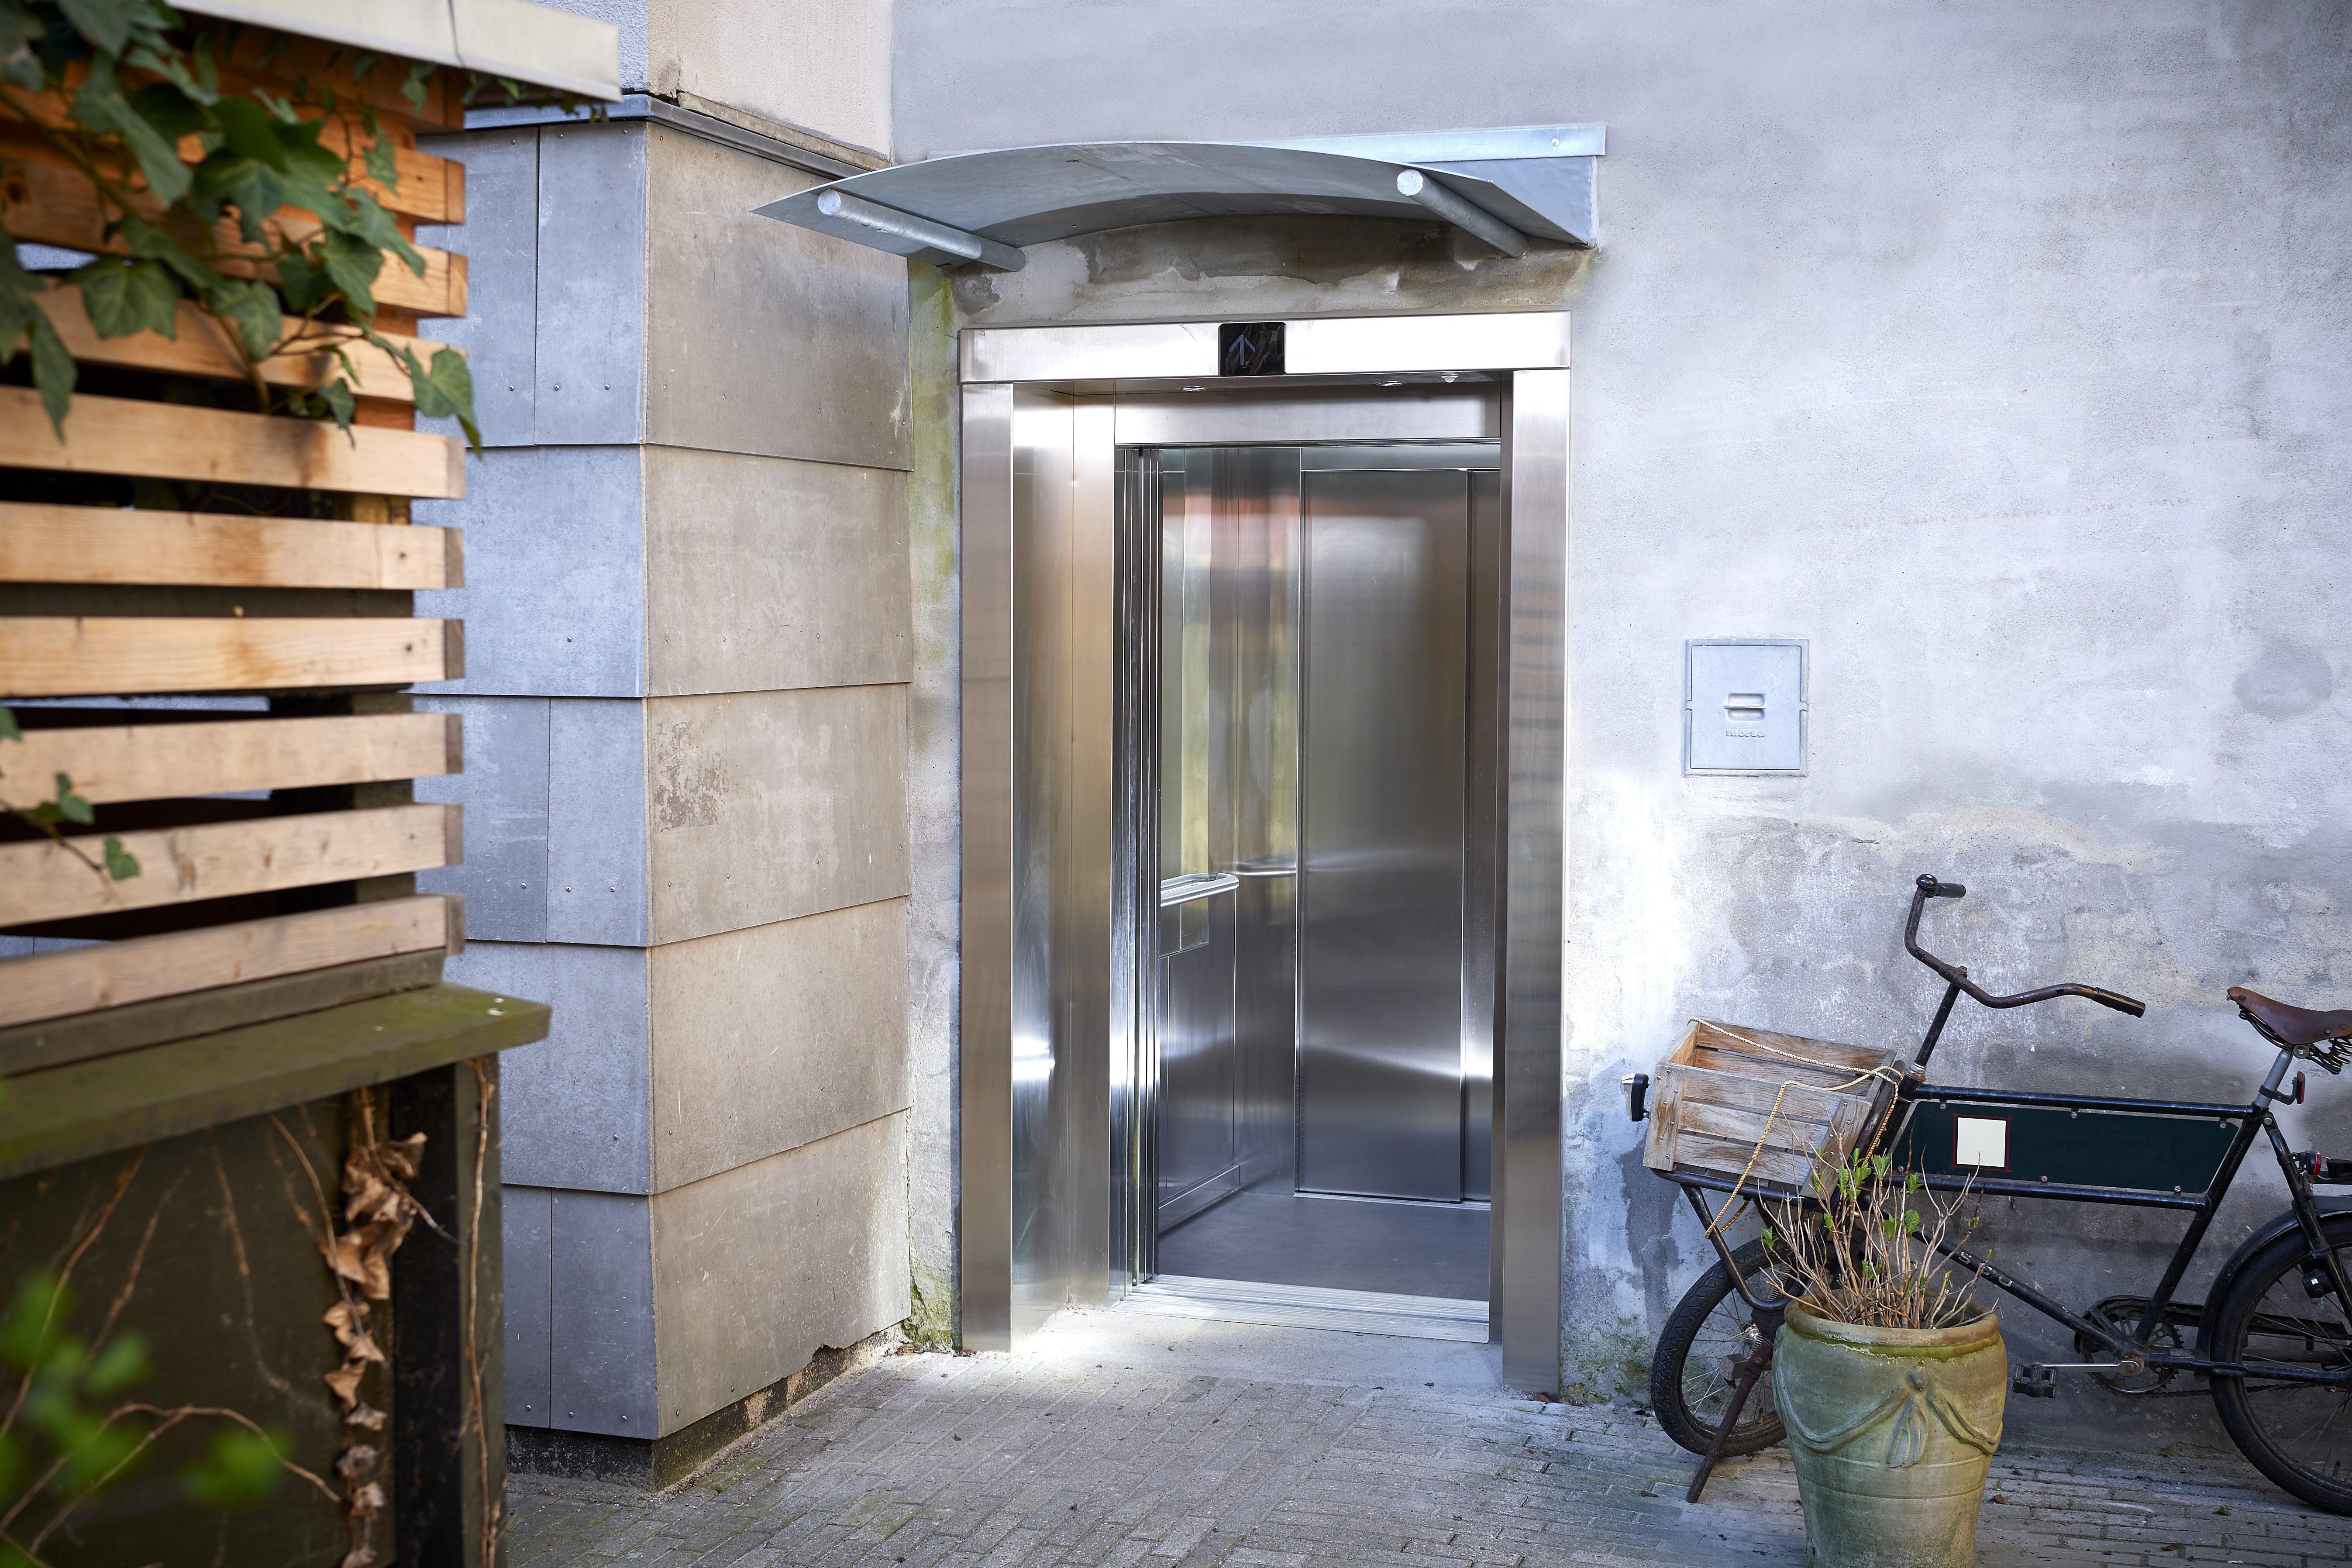 Elevator i bagtrappen